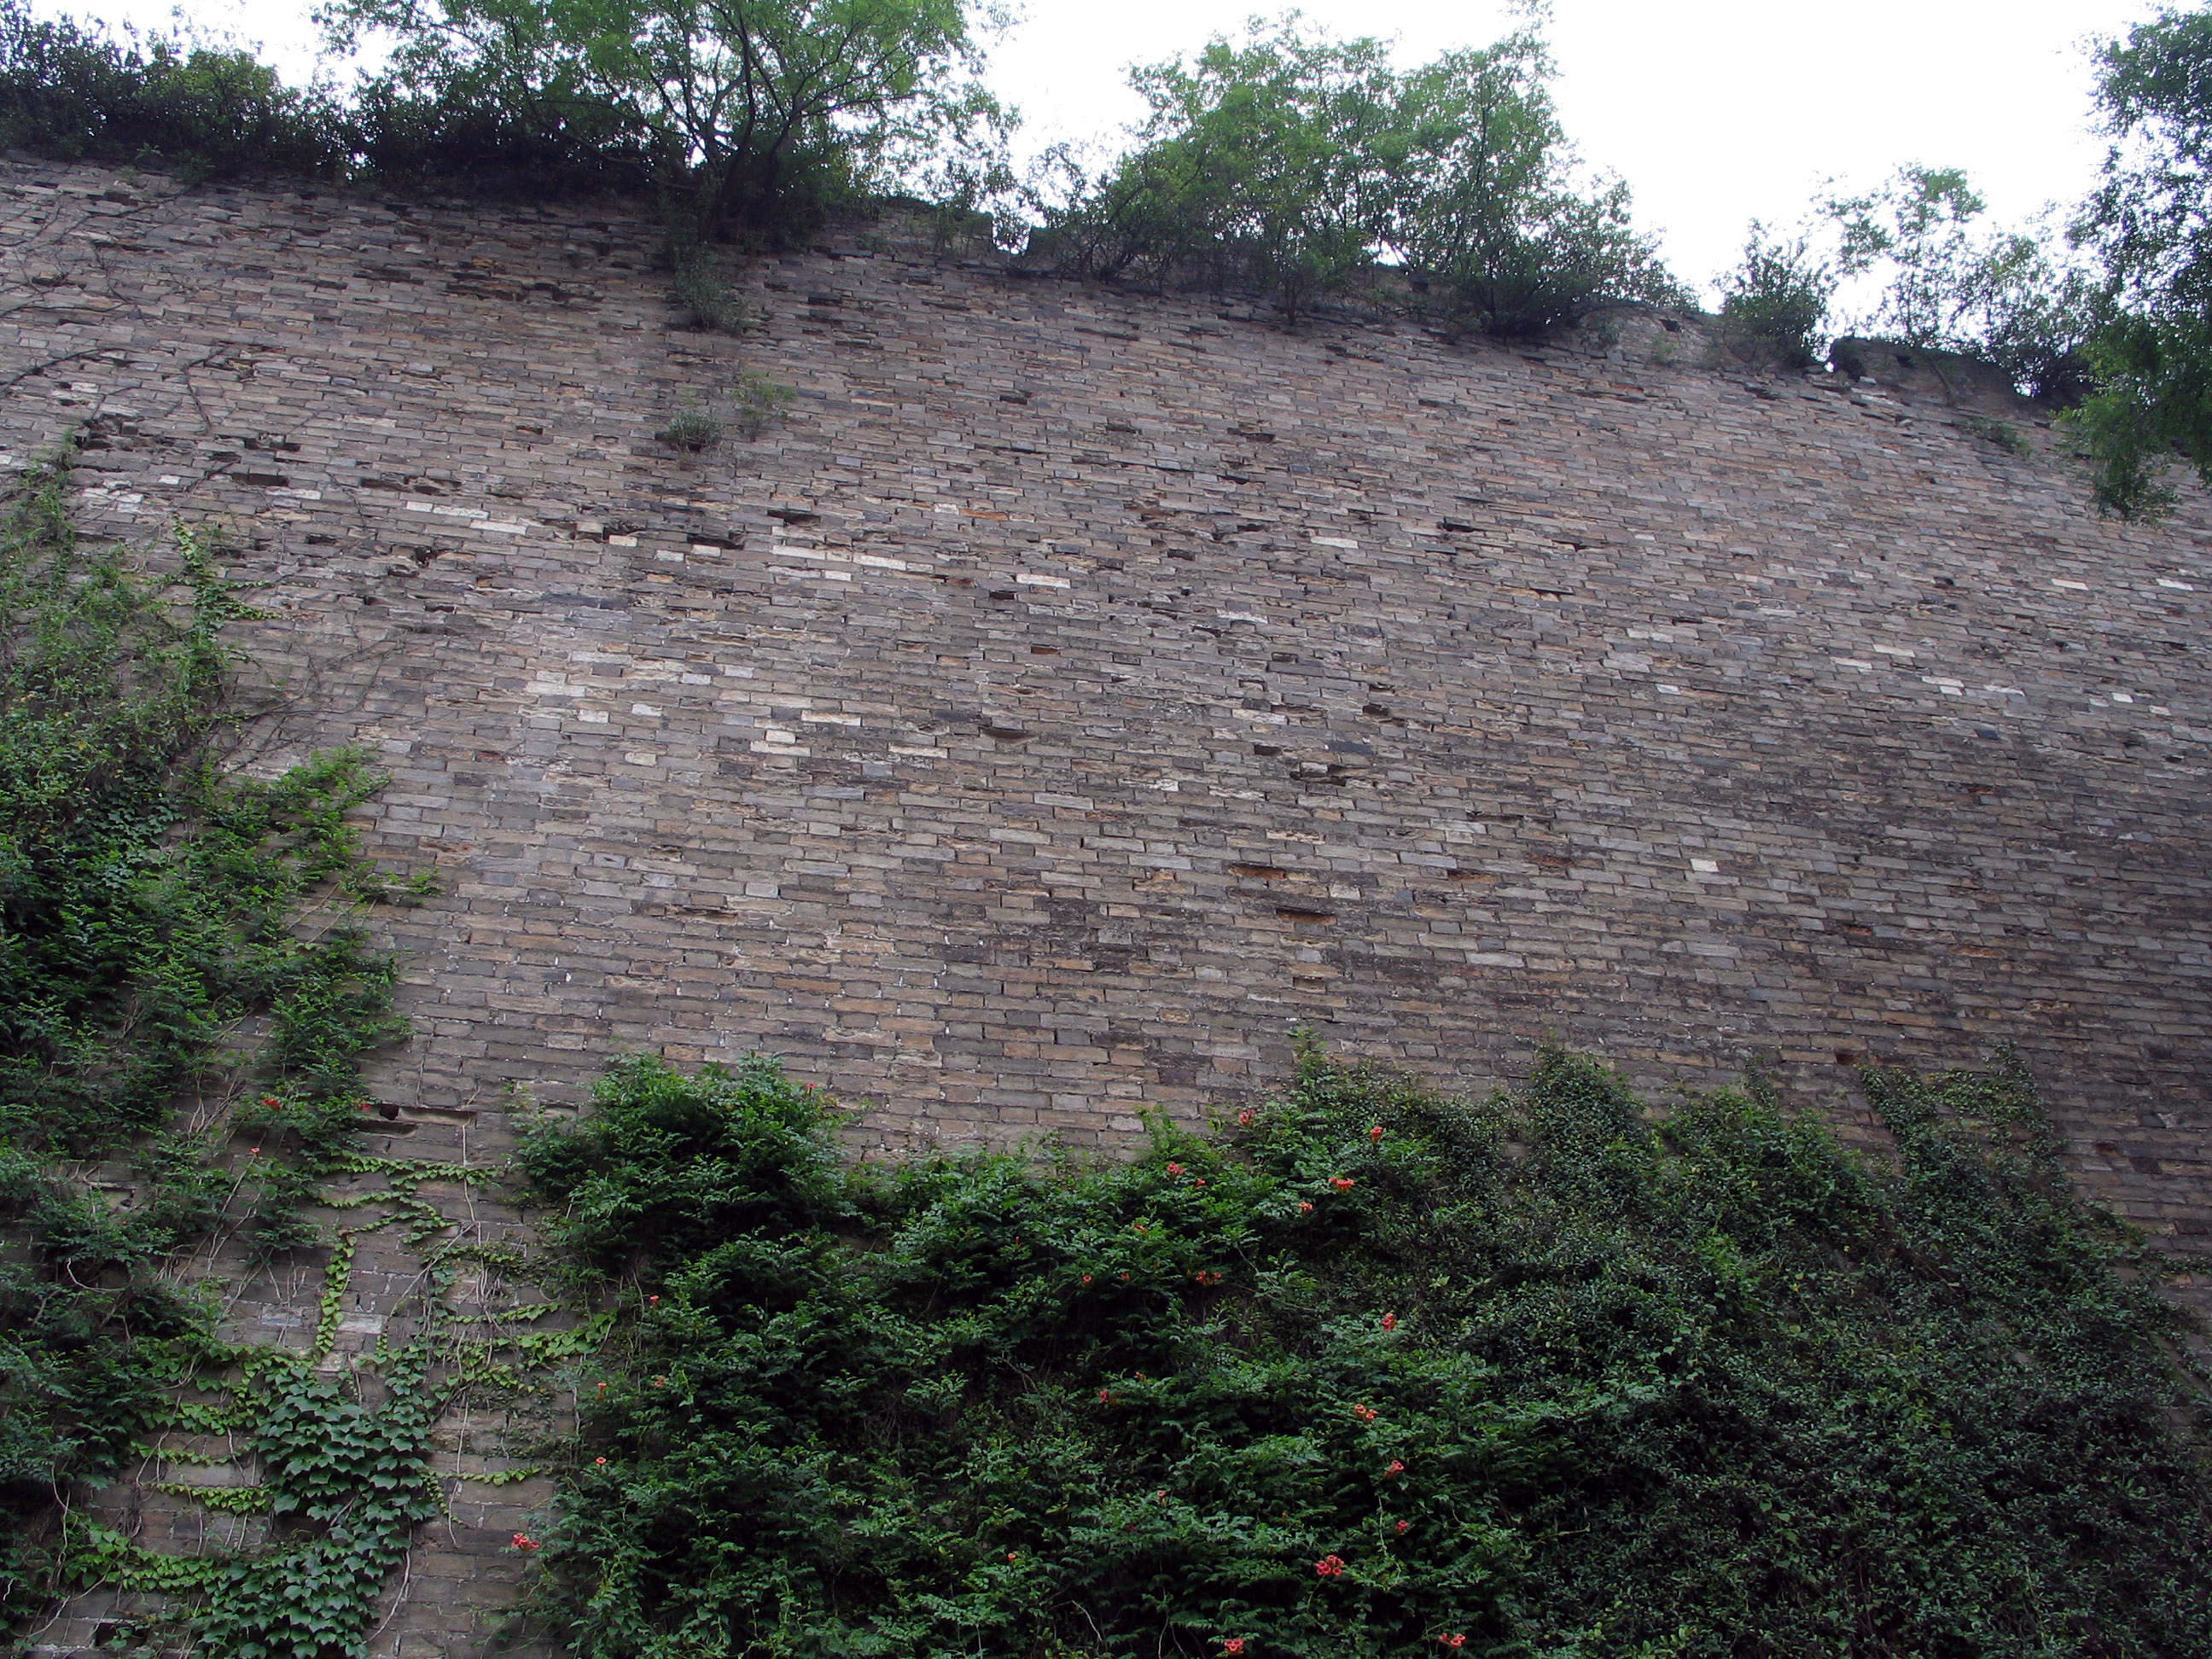 Campsis radicans Nanjing China wall 04-06-04